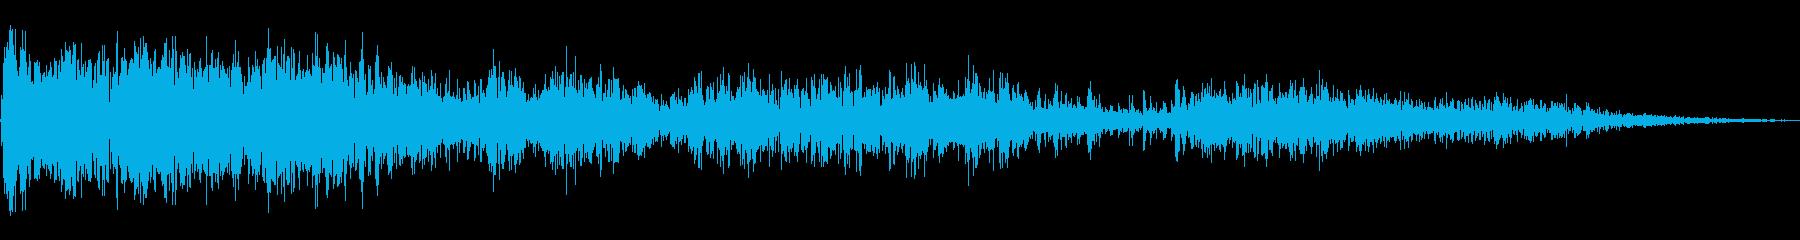 大規模なサンダークリップ;ヴィンテ...の再生済みの波形